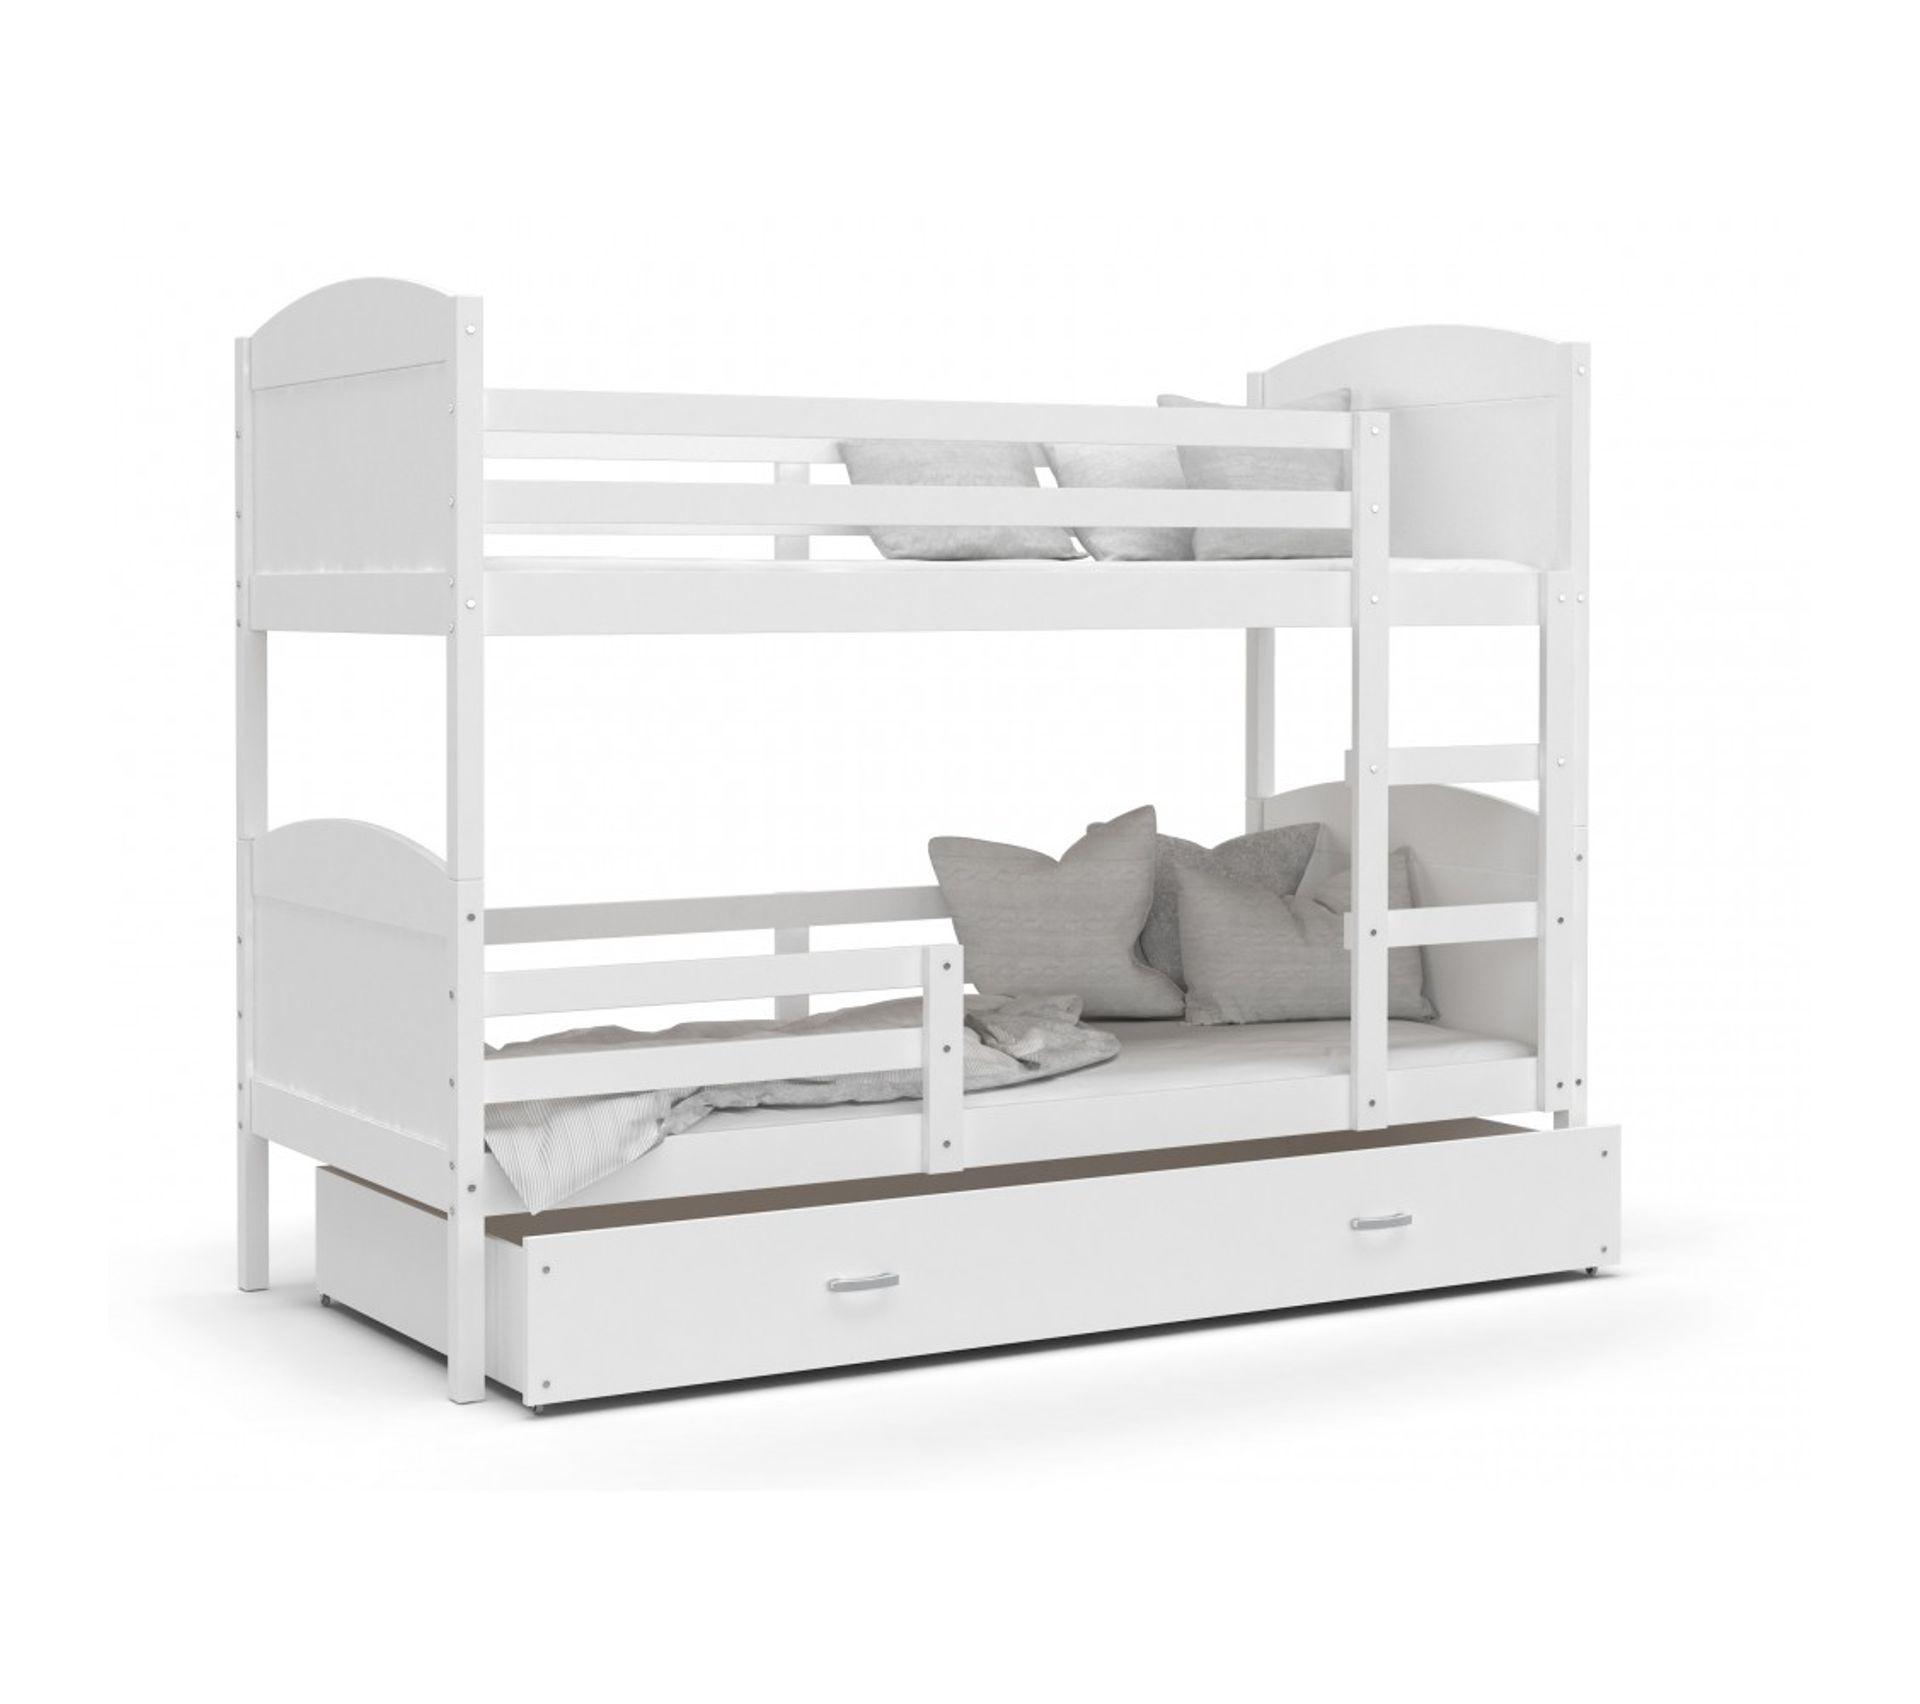 Lit Superposé 3 Étages lit superpose mateo 90x190 blanc blanc livré avec tiroir, sommier et  matelas en mousse de 7cm offert